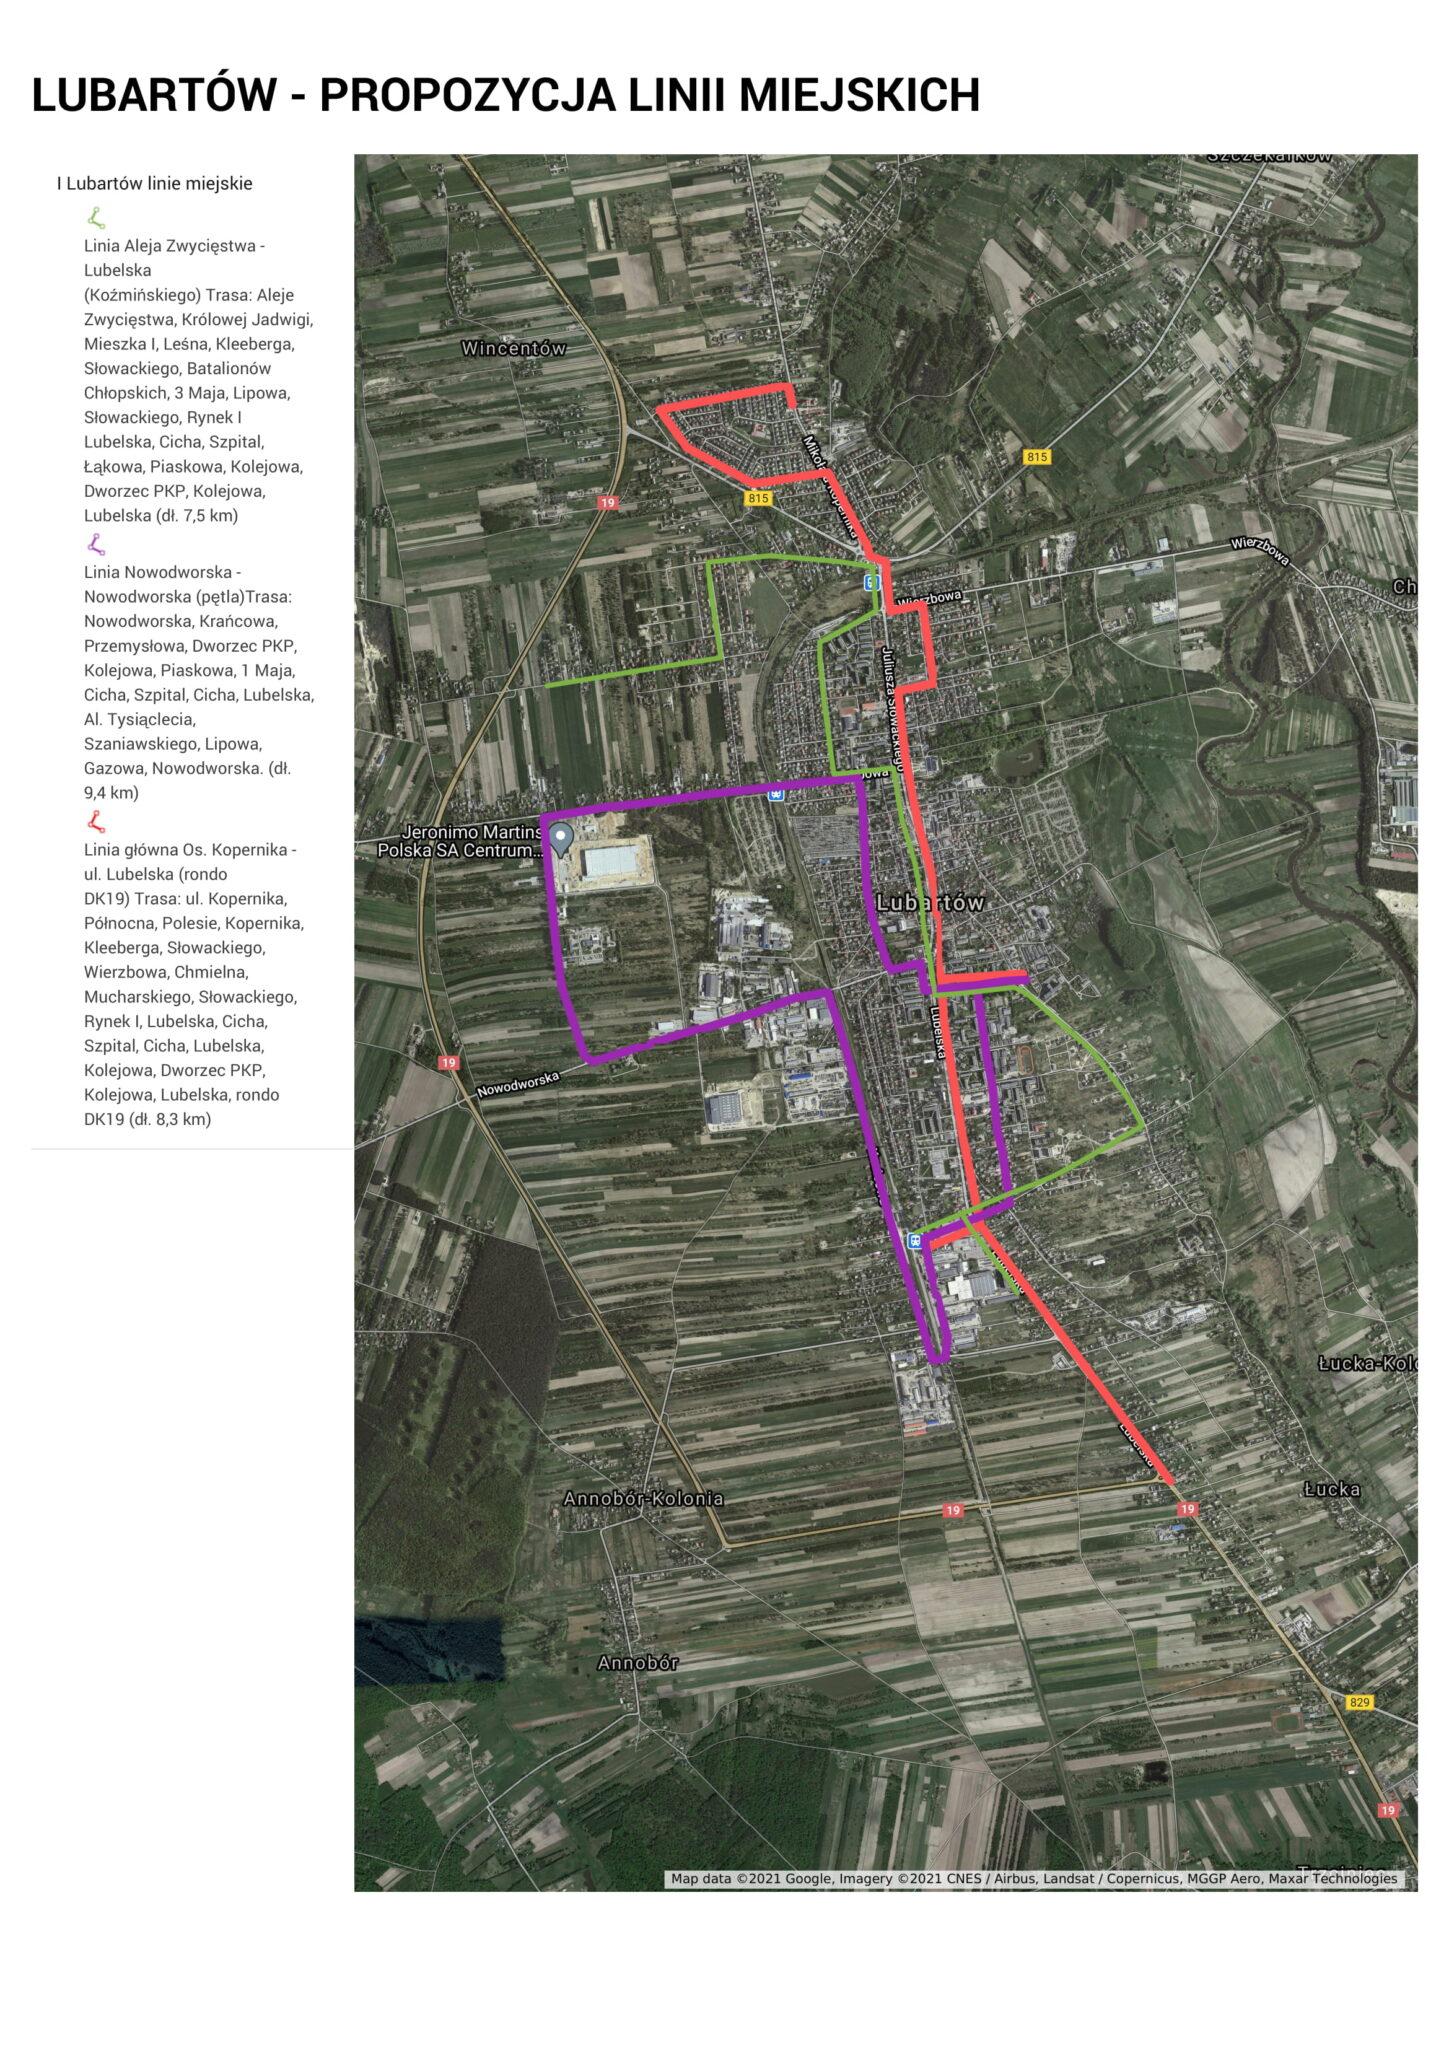 Ruszyły konsultacje o komunikacji miejskiej. Lubartowski ratusz proponuje linie autobusowe - Zdjęcie główne